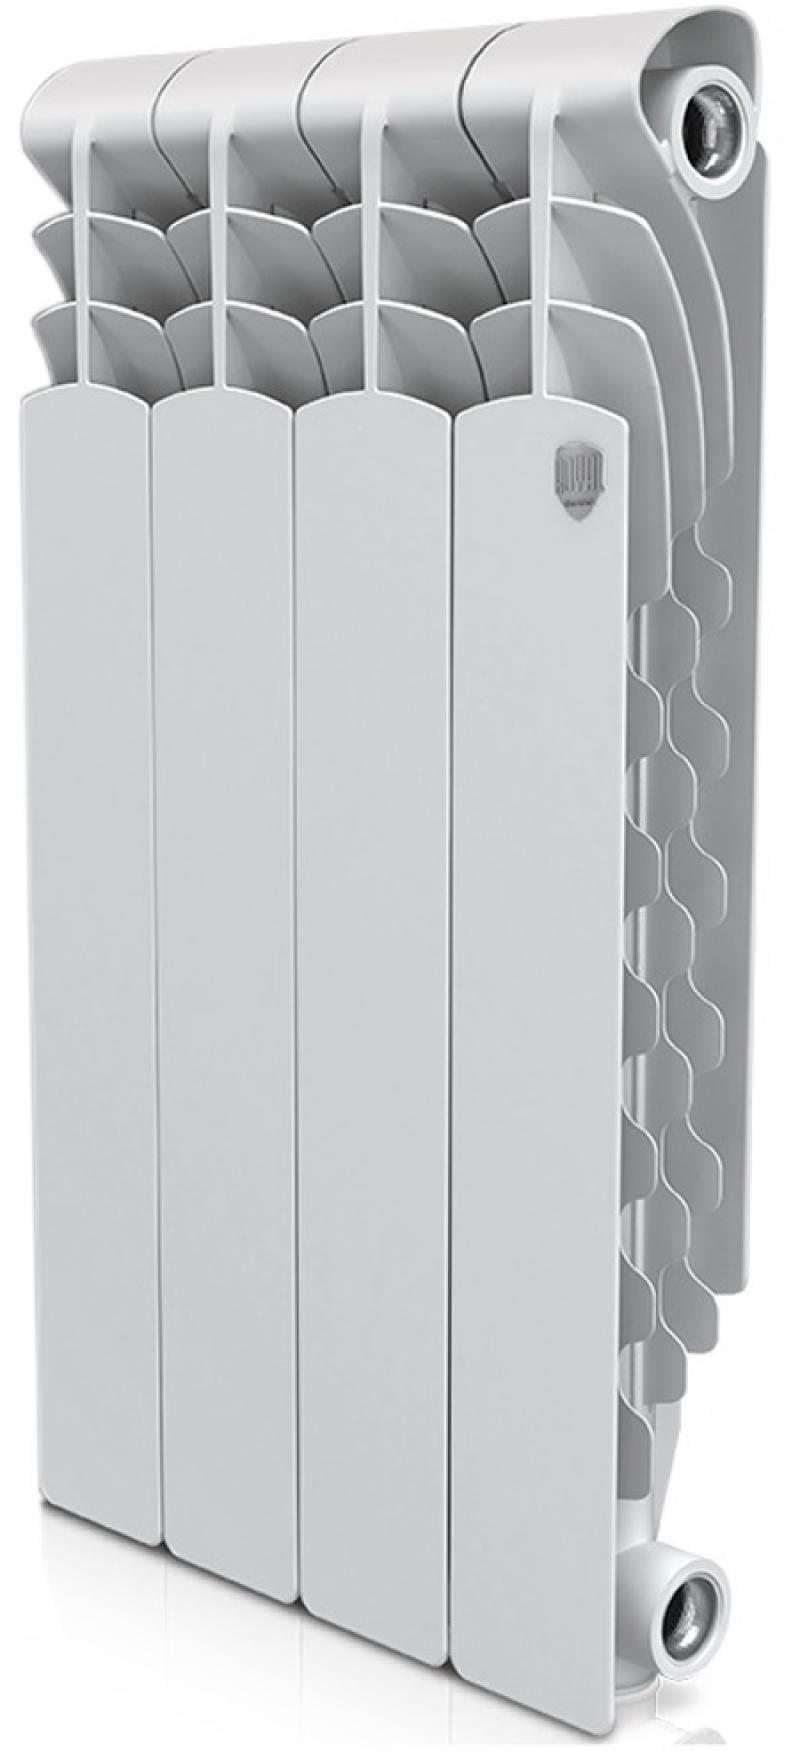 Радиатор Royal Thermo Revolution 500 4 секции алюминиевый радиатор royal thermo revolution 500 4 секции